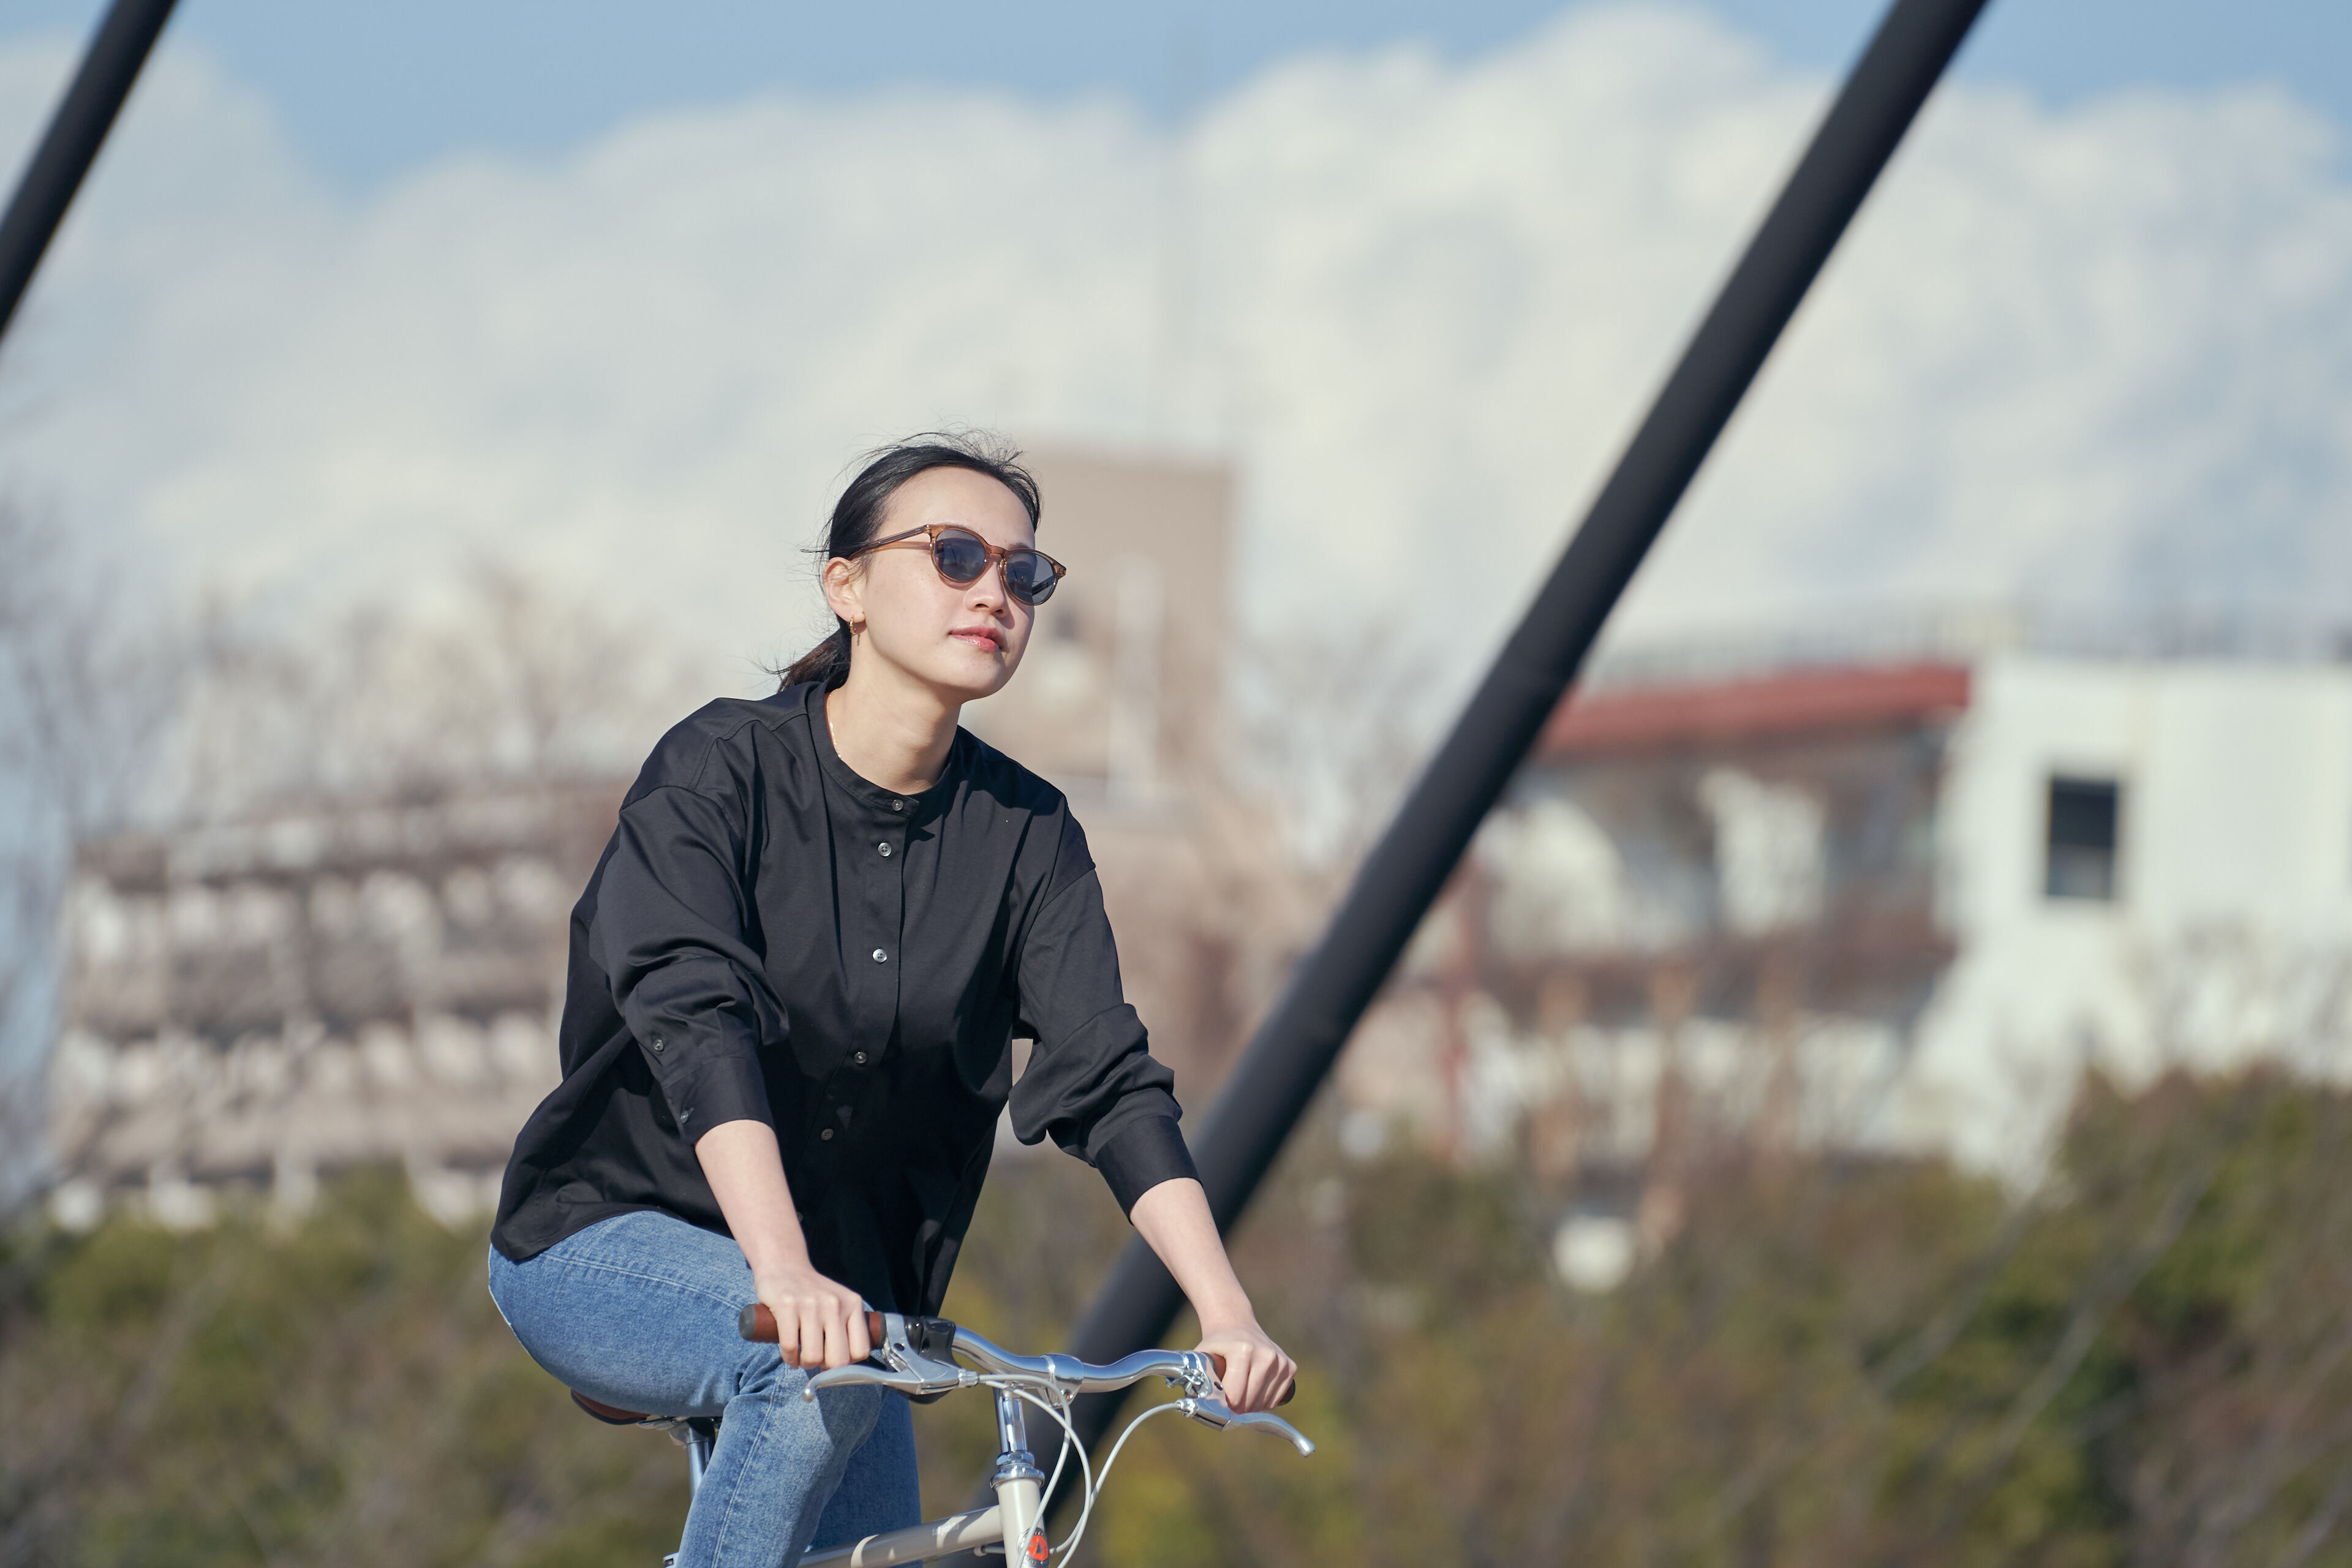 tokyobikeとtesioで街の⽇差しに着⽬し、様々な季節や時間帯のまぶしさを軽減するレンズと、掛けているのを忘れるほど⼼地よいフレームが特徴のサングラスです。暮らしに馴染む、ちょうどいいサングラス。